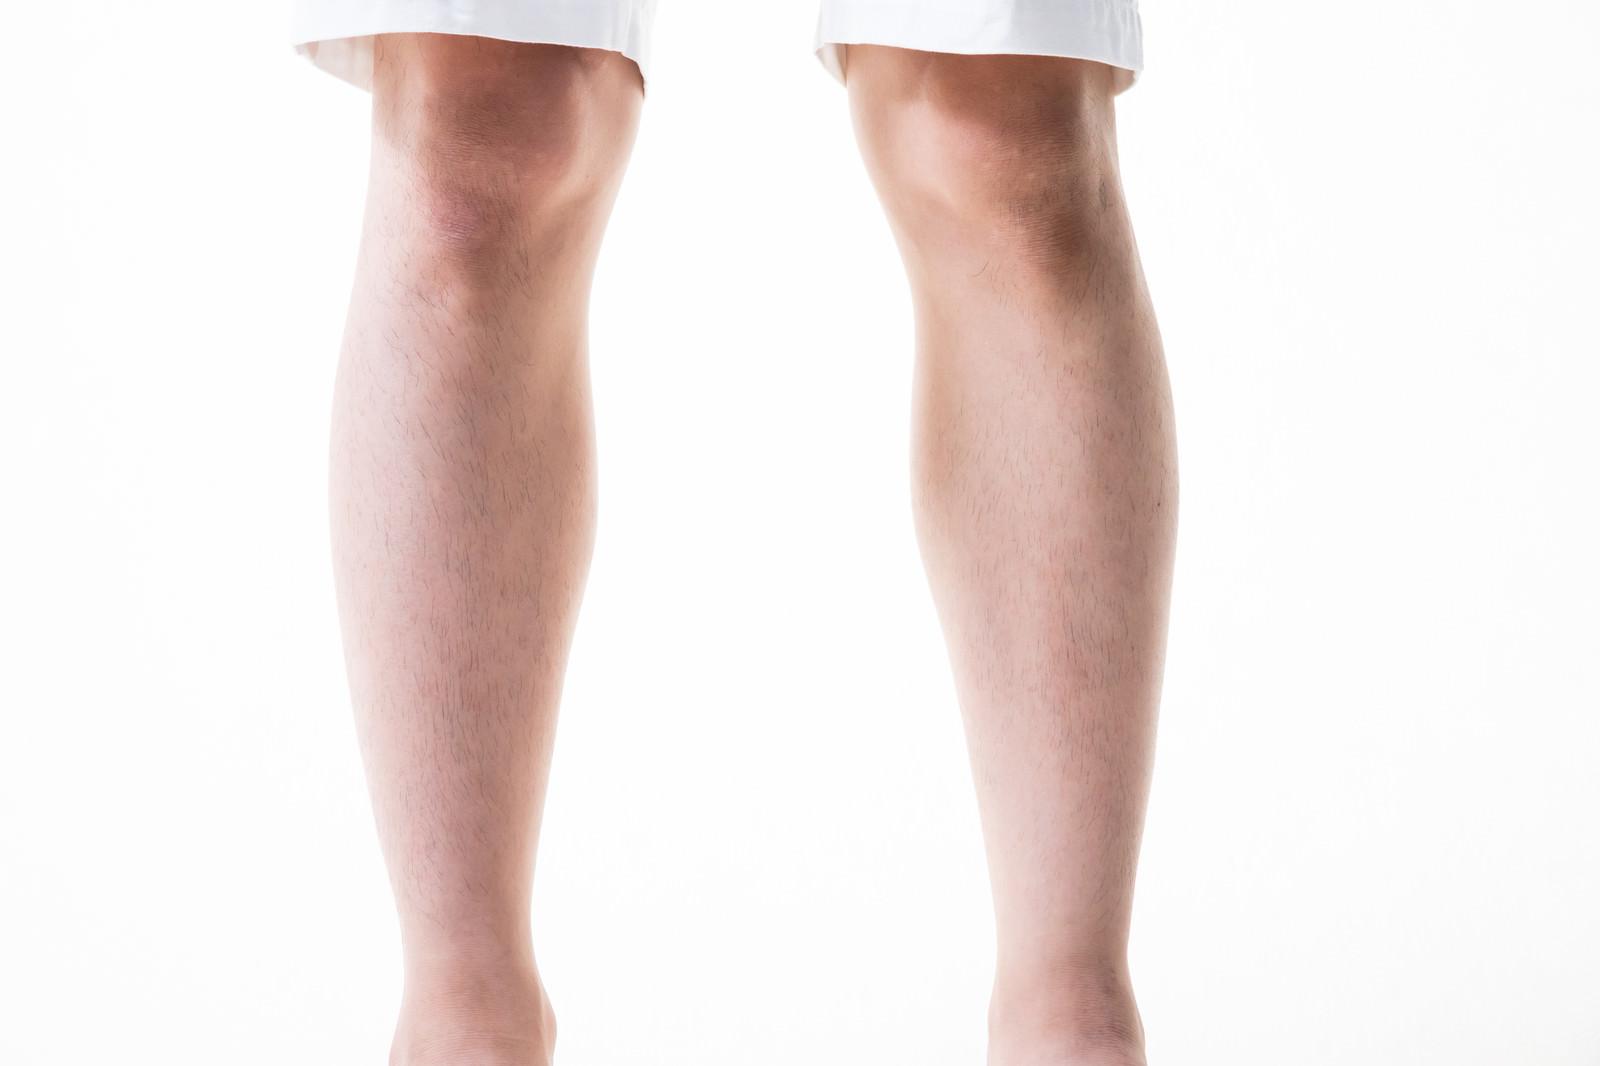 「男性の足のすね毛(6mm)男性の足のすね毛(6mm)」のフリー写真素材を拡大